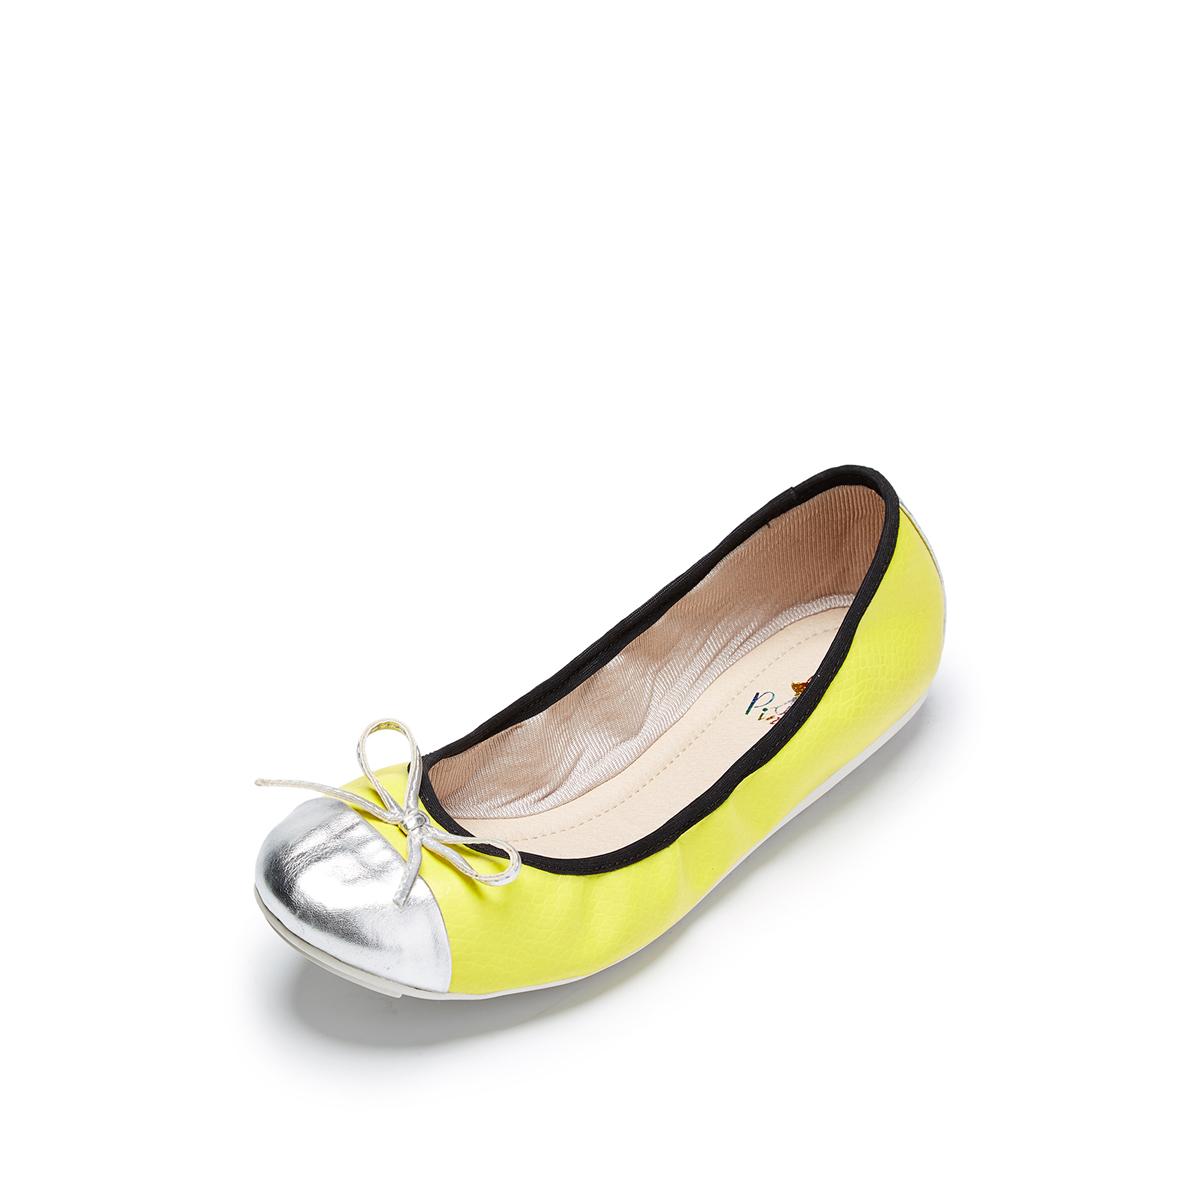 达芙妮豆豆鞋 SHOEBOX鞋柜达芙妮旗下春特卖休闲拼色蝴蝶结平跟豆豆圆头女单鞋_推荐淘宝好看的达芙妮豆豆鞋